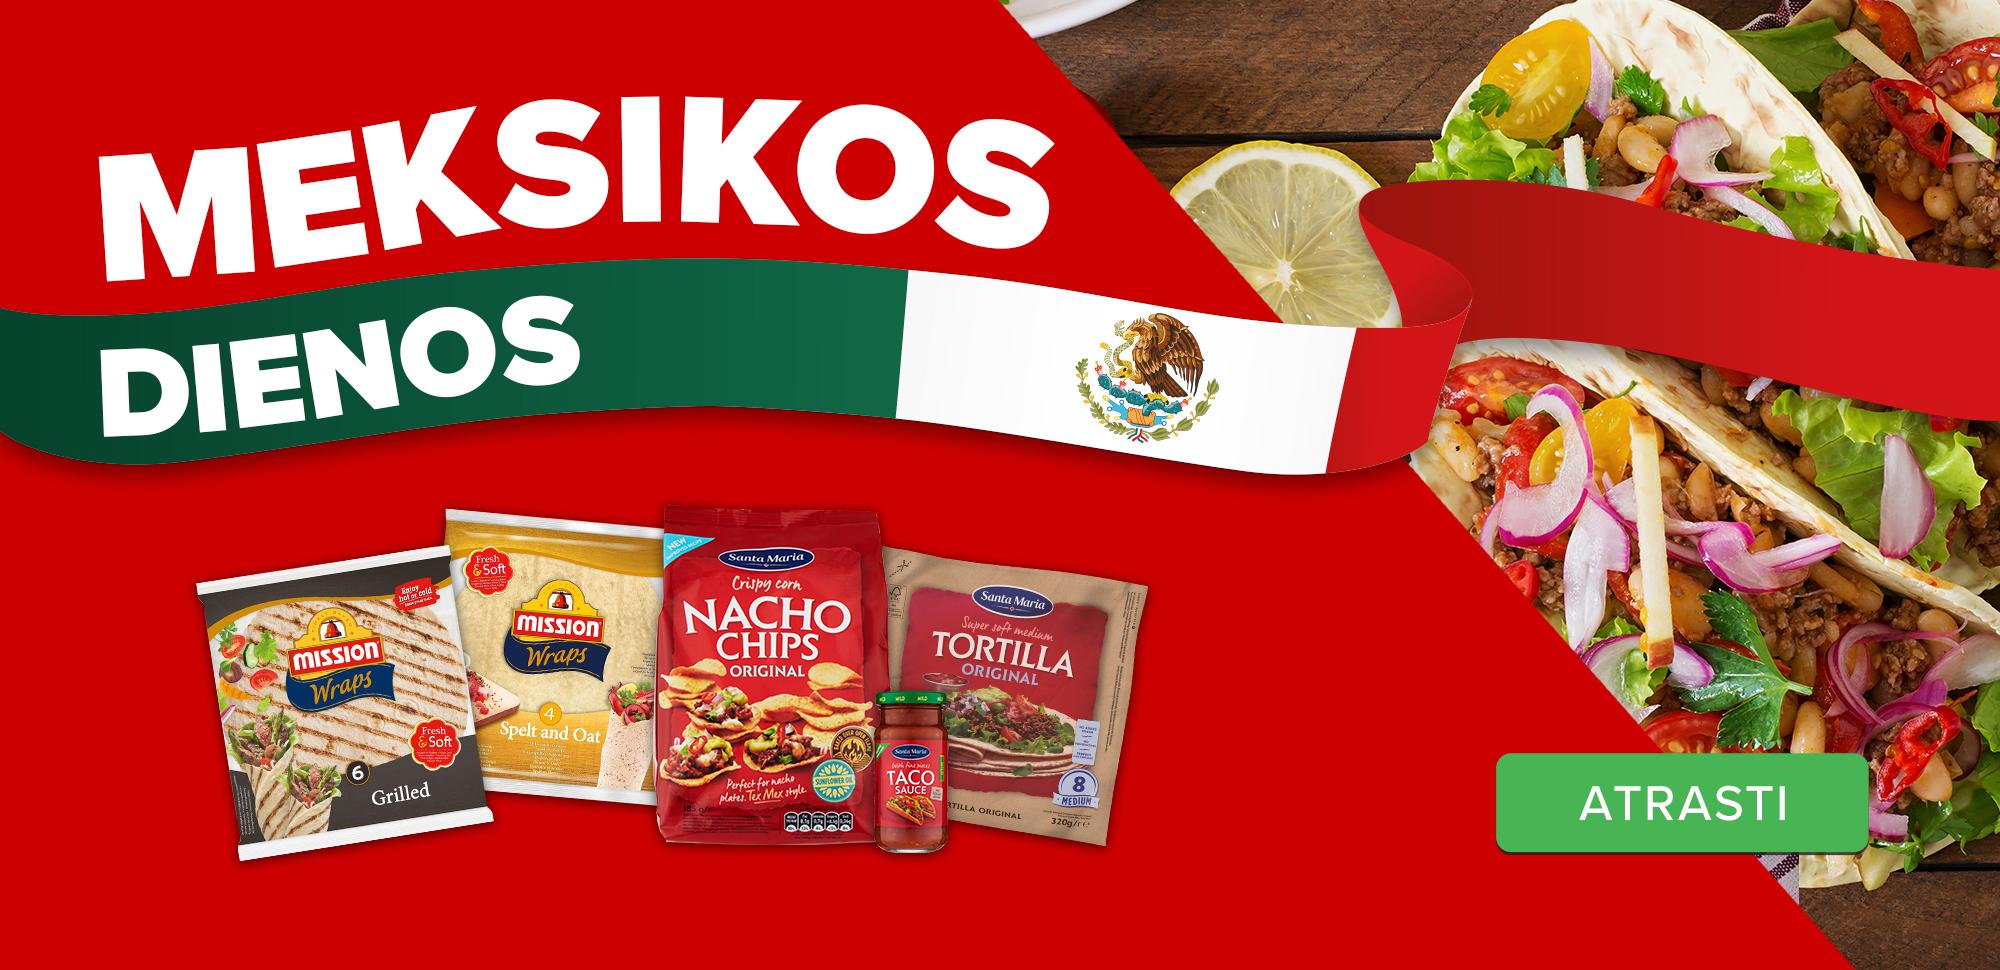 Meksikos dienos